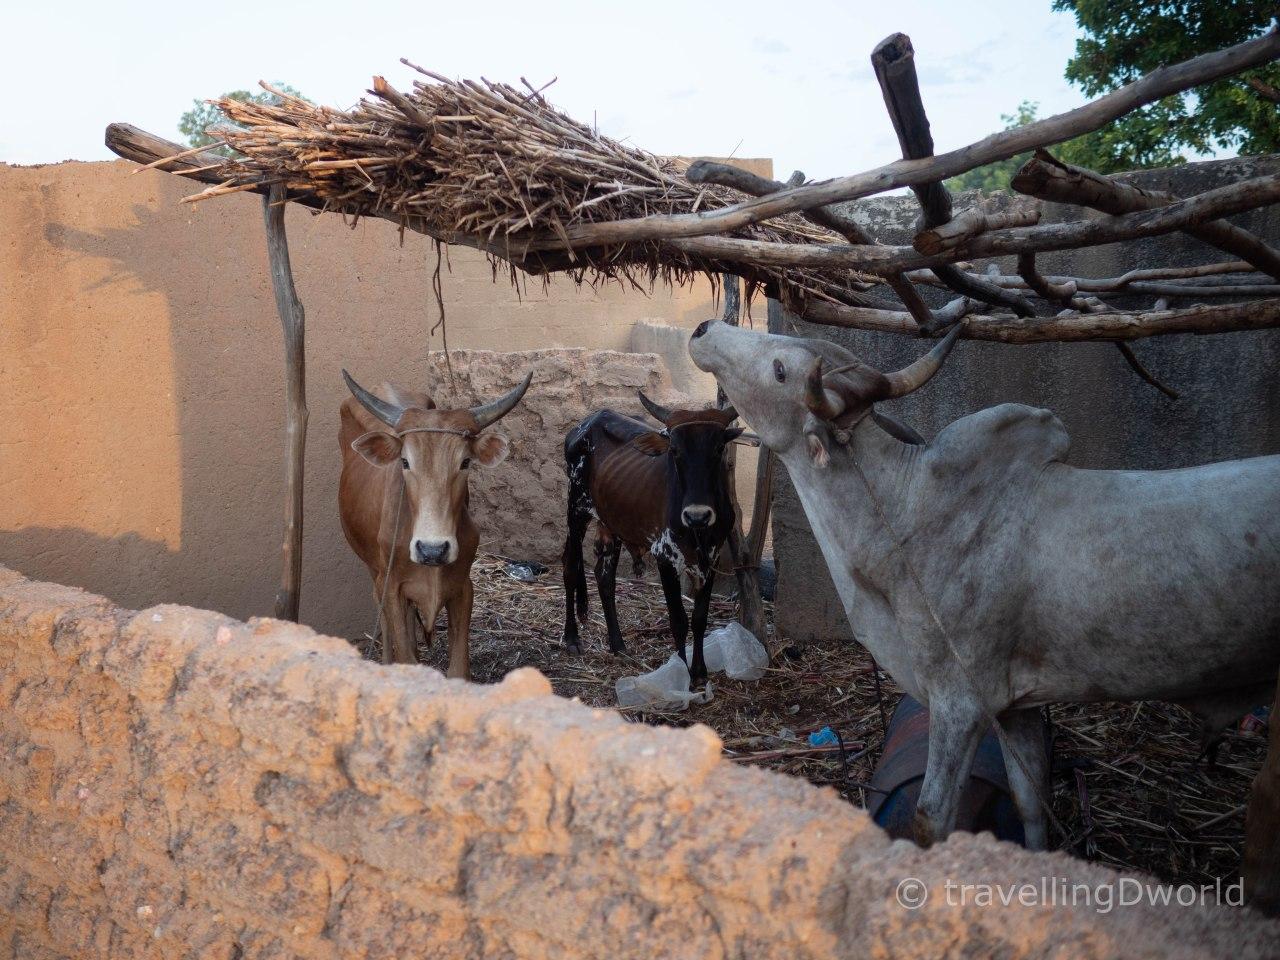 vacas en Burkina Faso